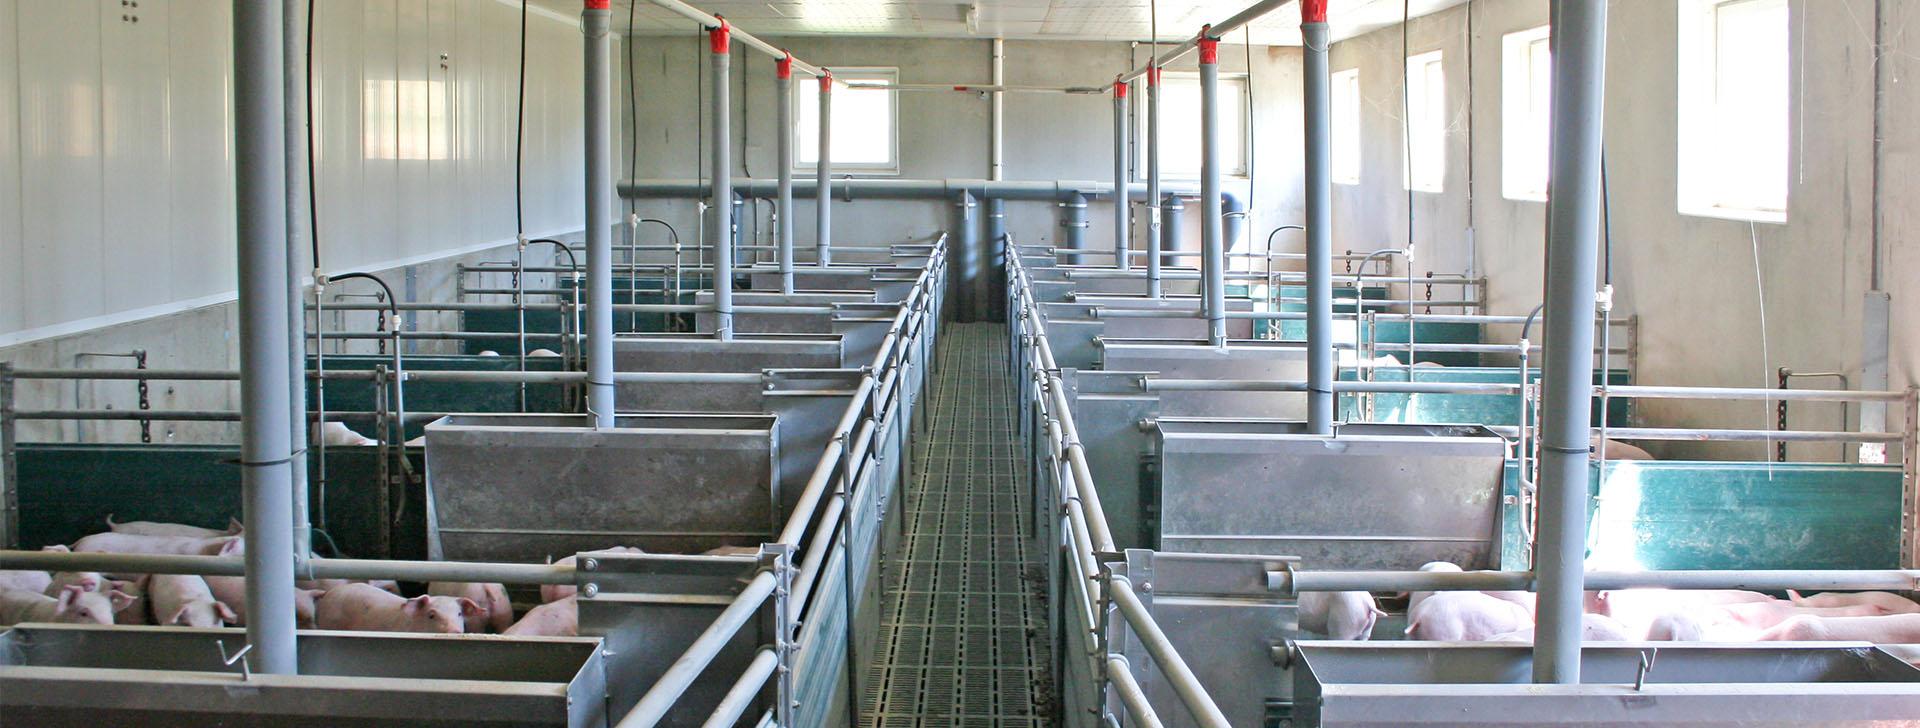 Tierboxen in einem Schweinestall